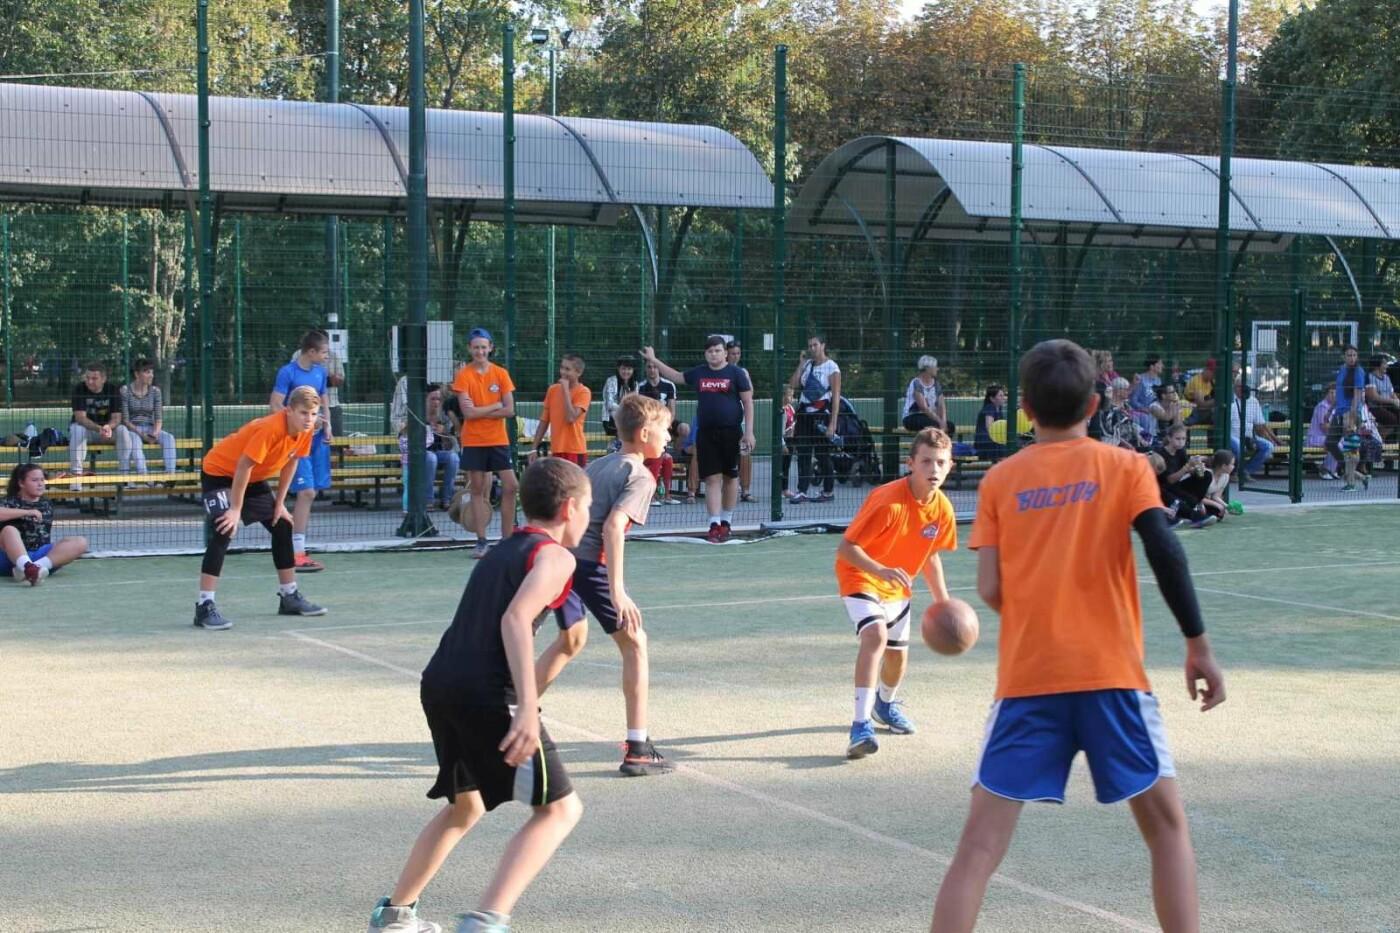 Турнир в День города: в Лозовой больше ста баскетболистов сыграли в стритбол, фото-3